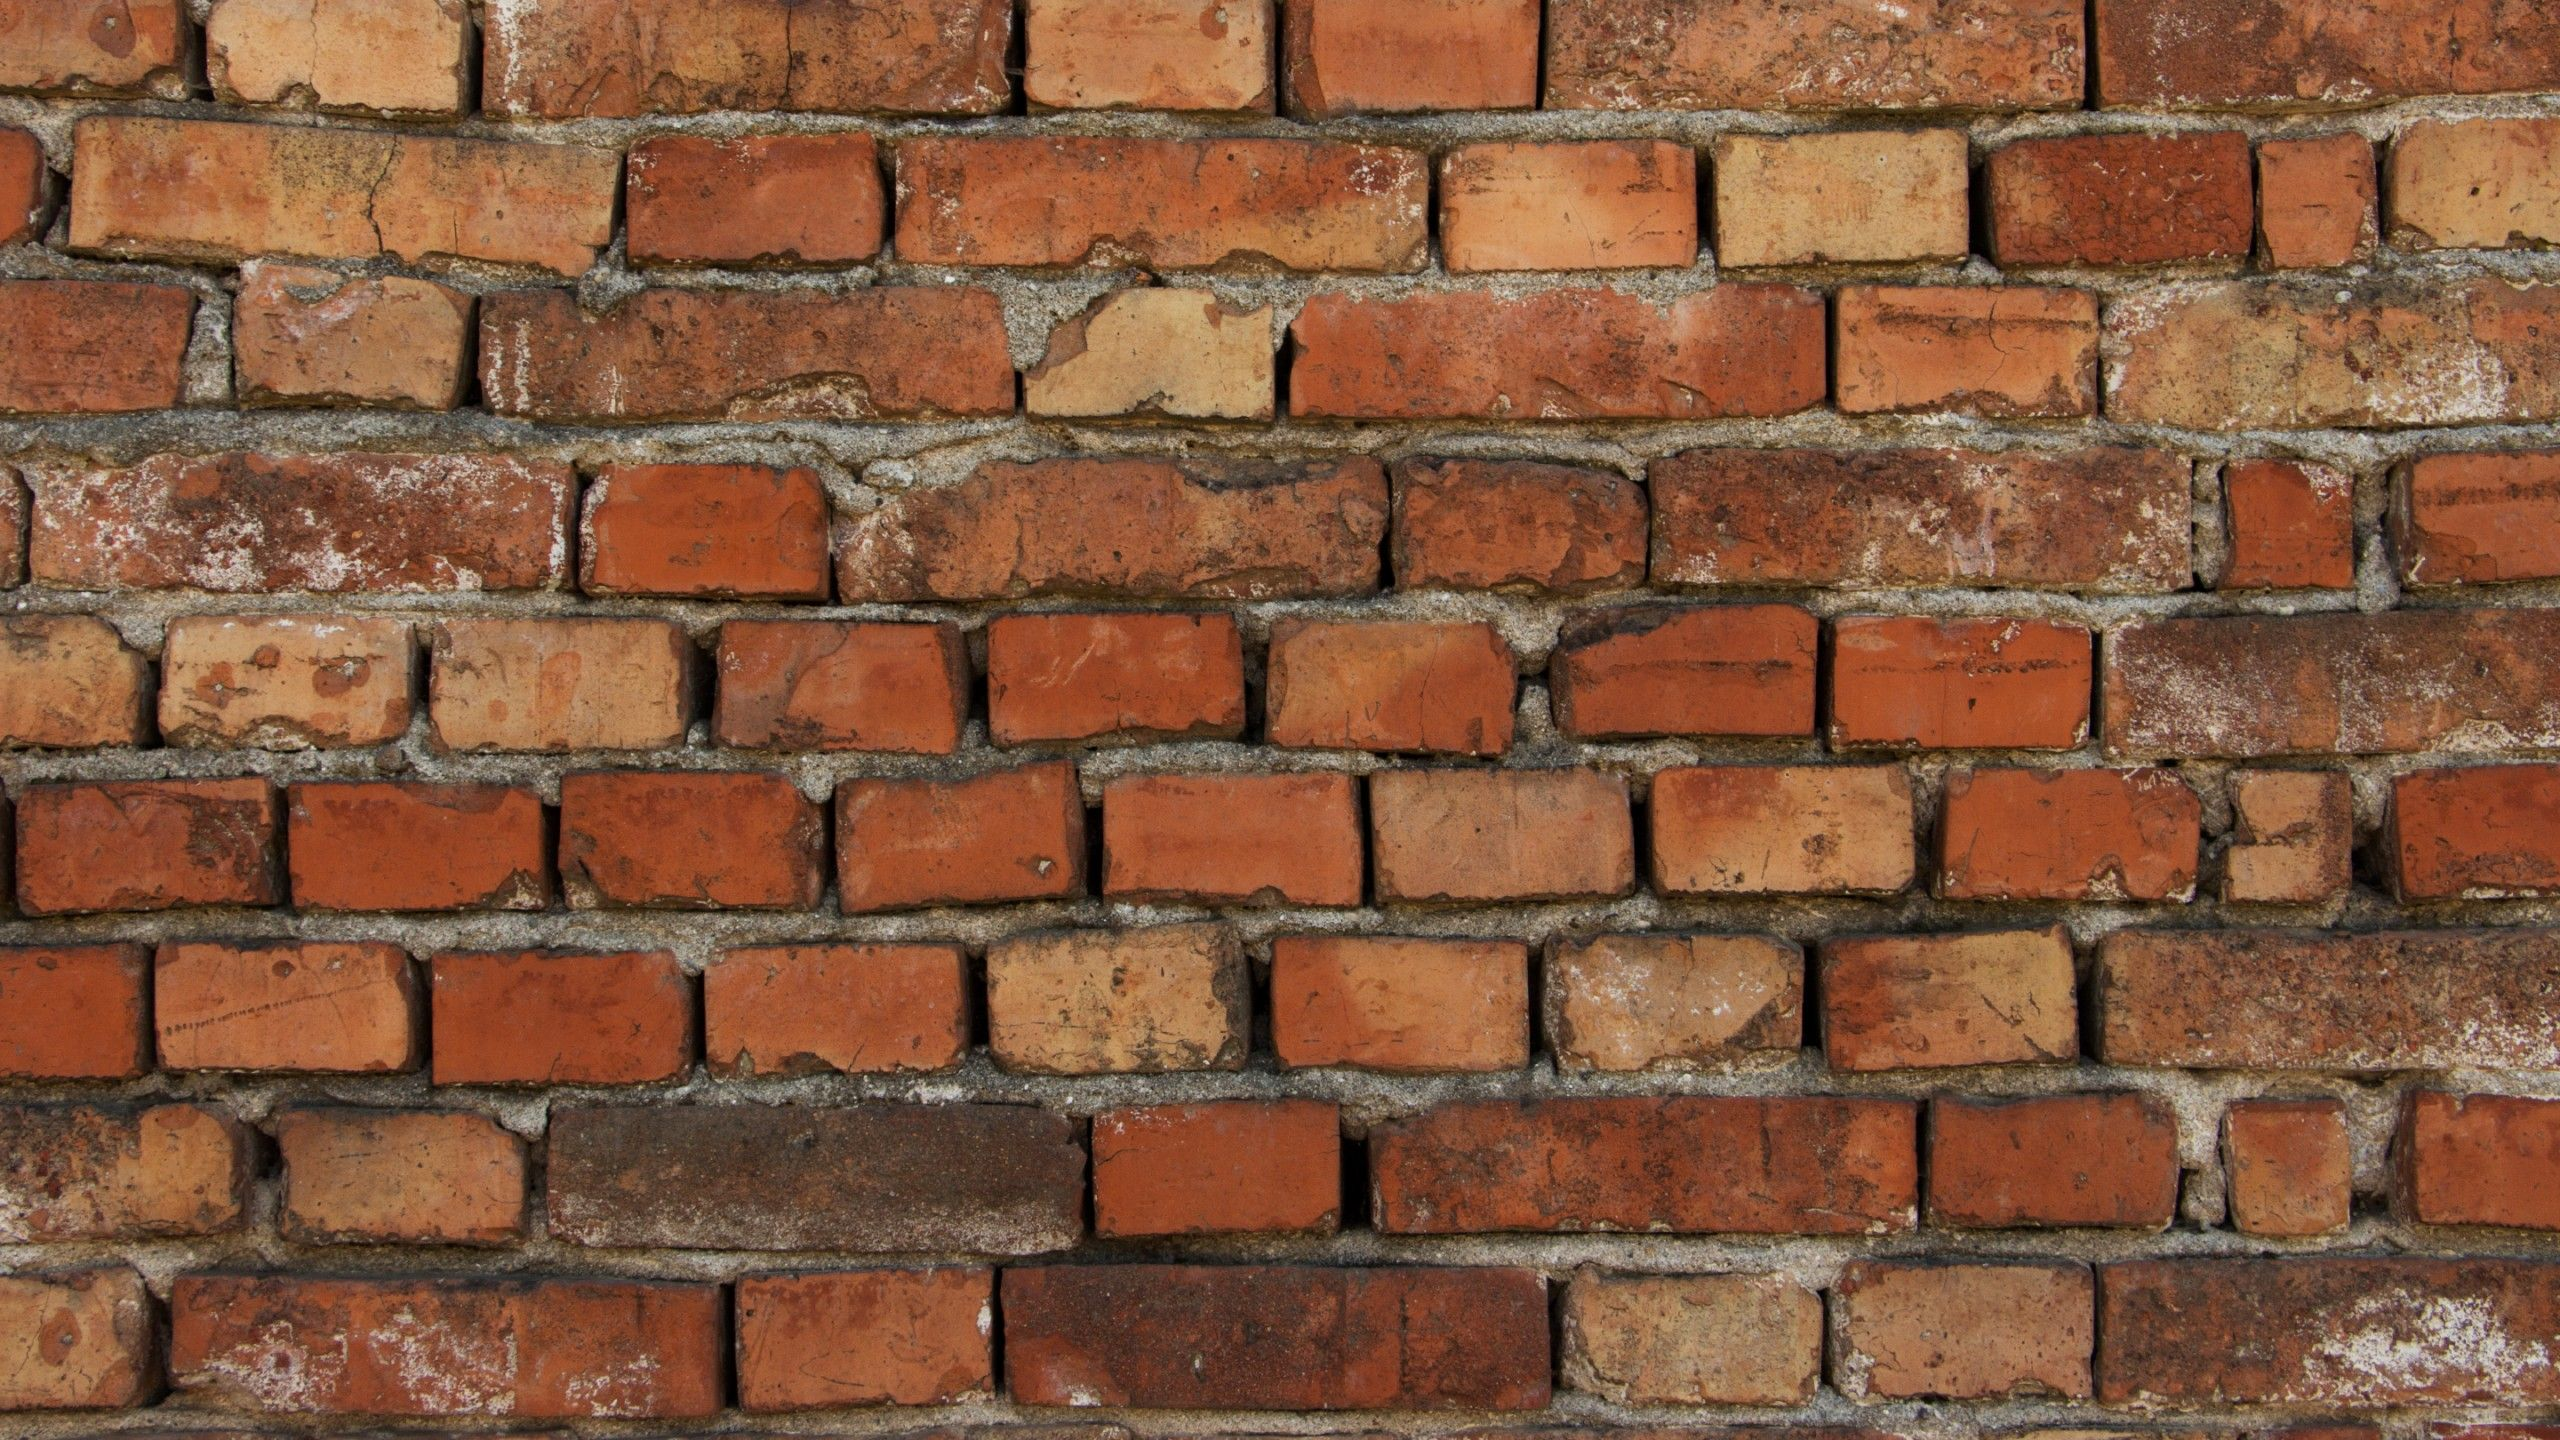 Old Brick Wall 2560 X 1440 Preview Wallpaper Old Brick Wall Brick Wall Brick